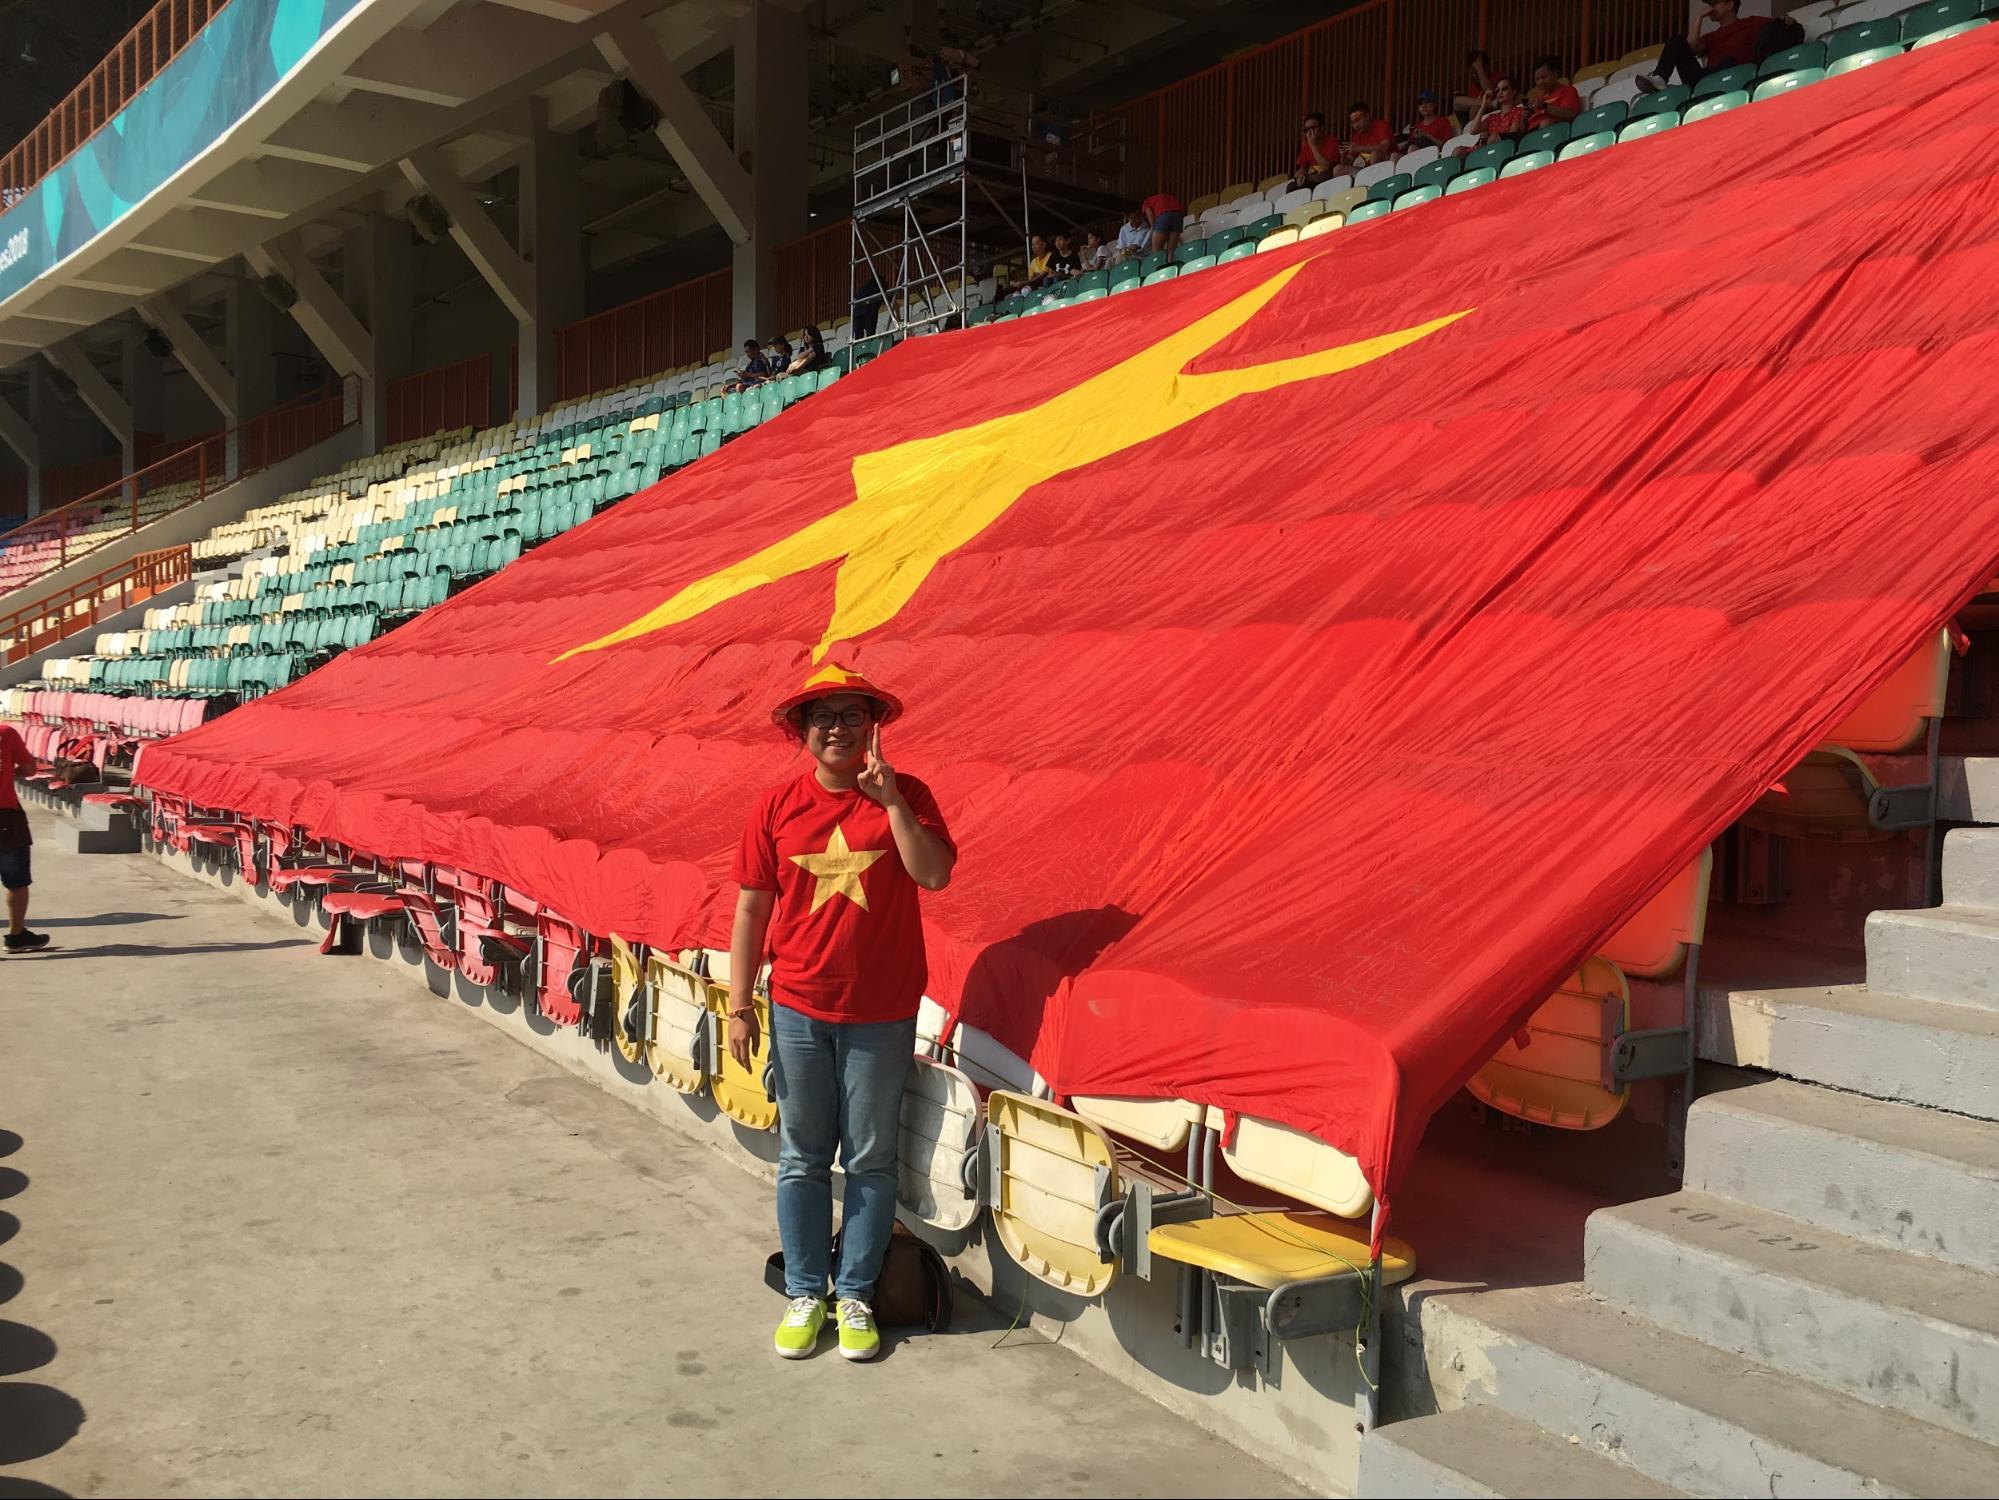 chụp hình cùng quốc kỳ việt nam ở jakarta